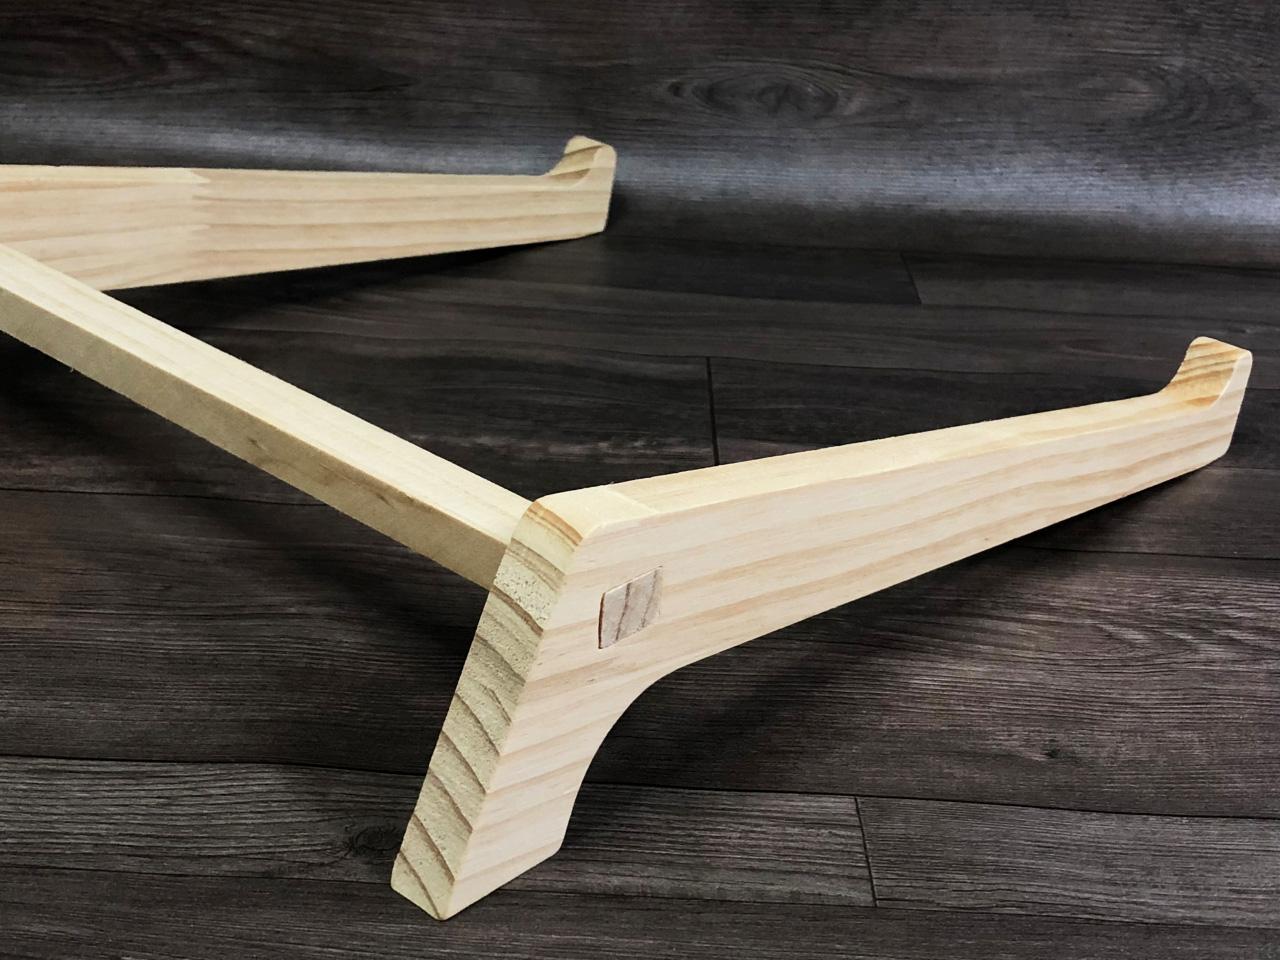 giá để laptop gỗ 1 tầng